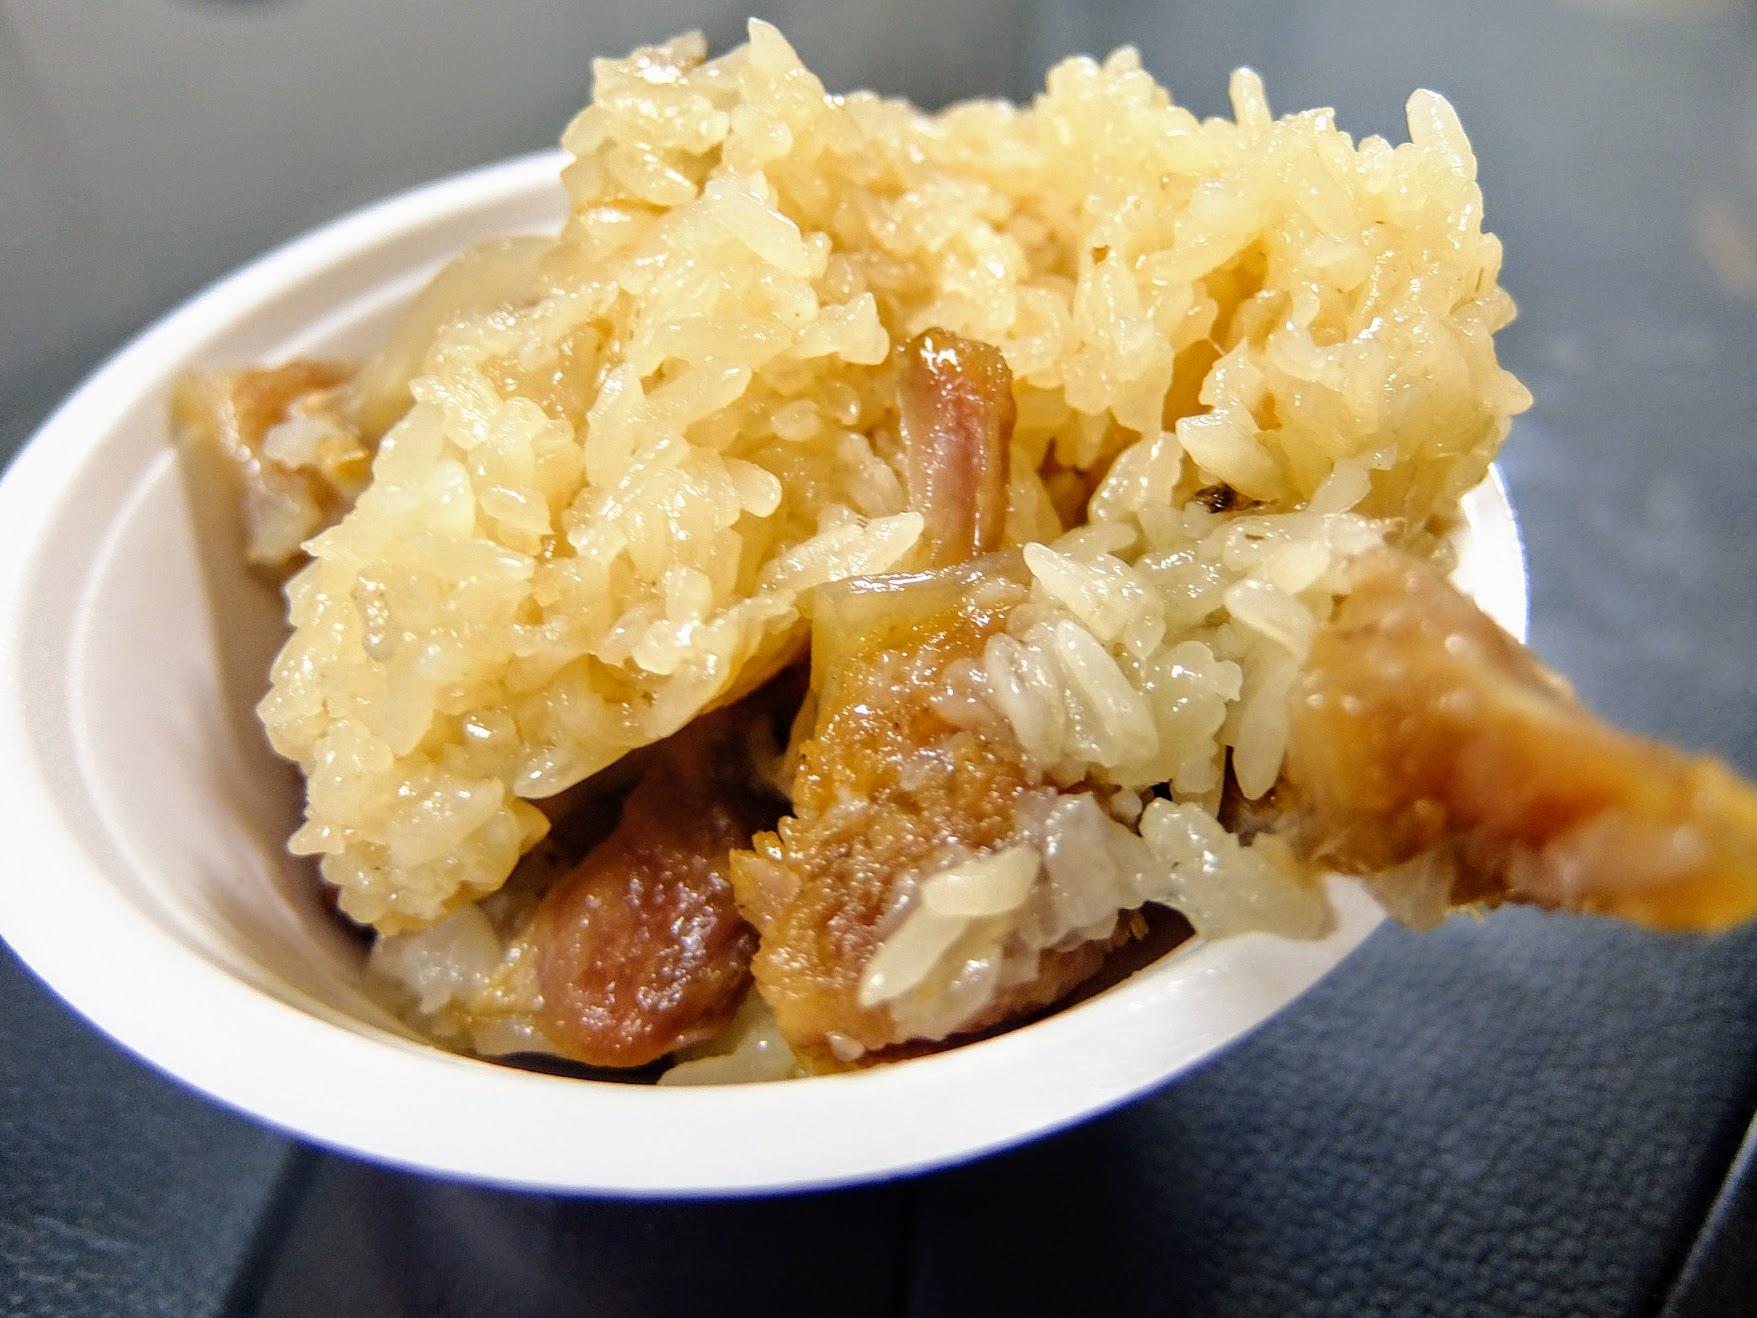 當然先盛一碗啦! 米糕內的米飯麻油都有沾足,頗香的;另,豬肉塊很多!